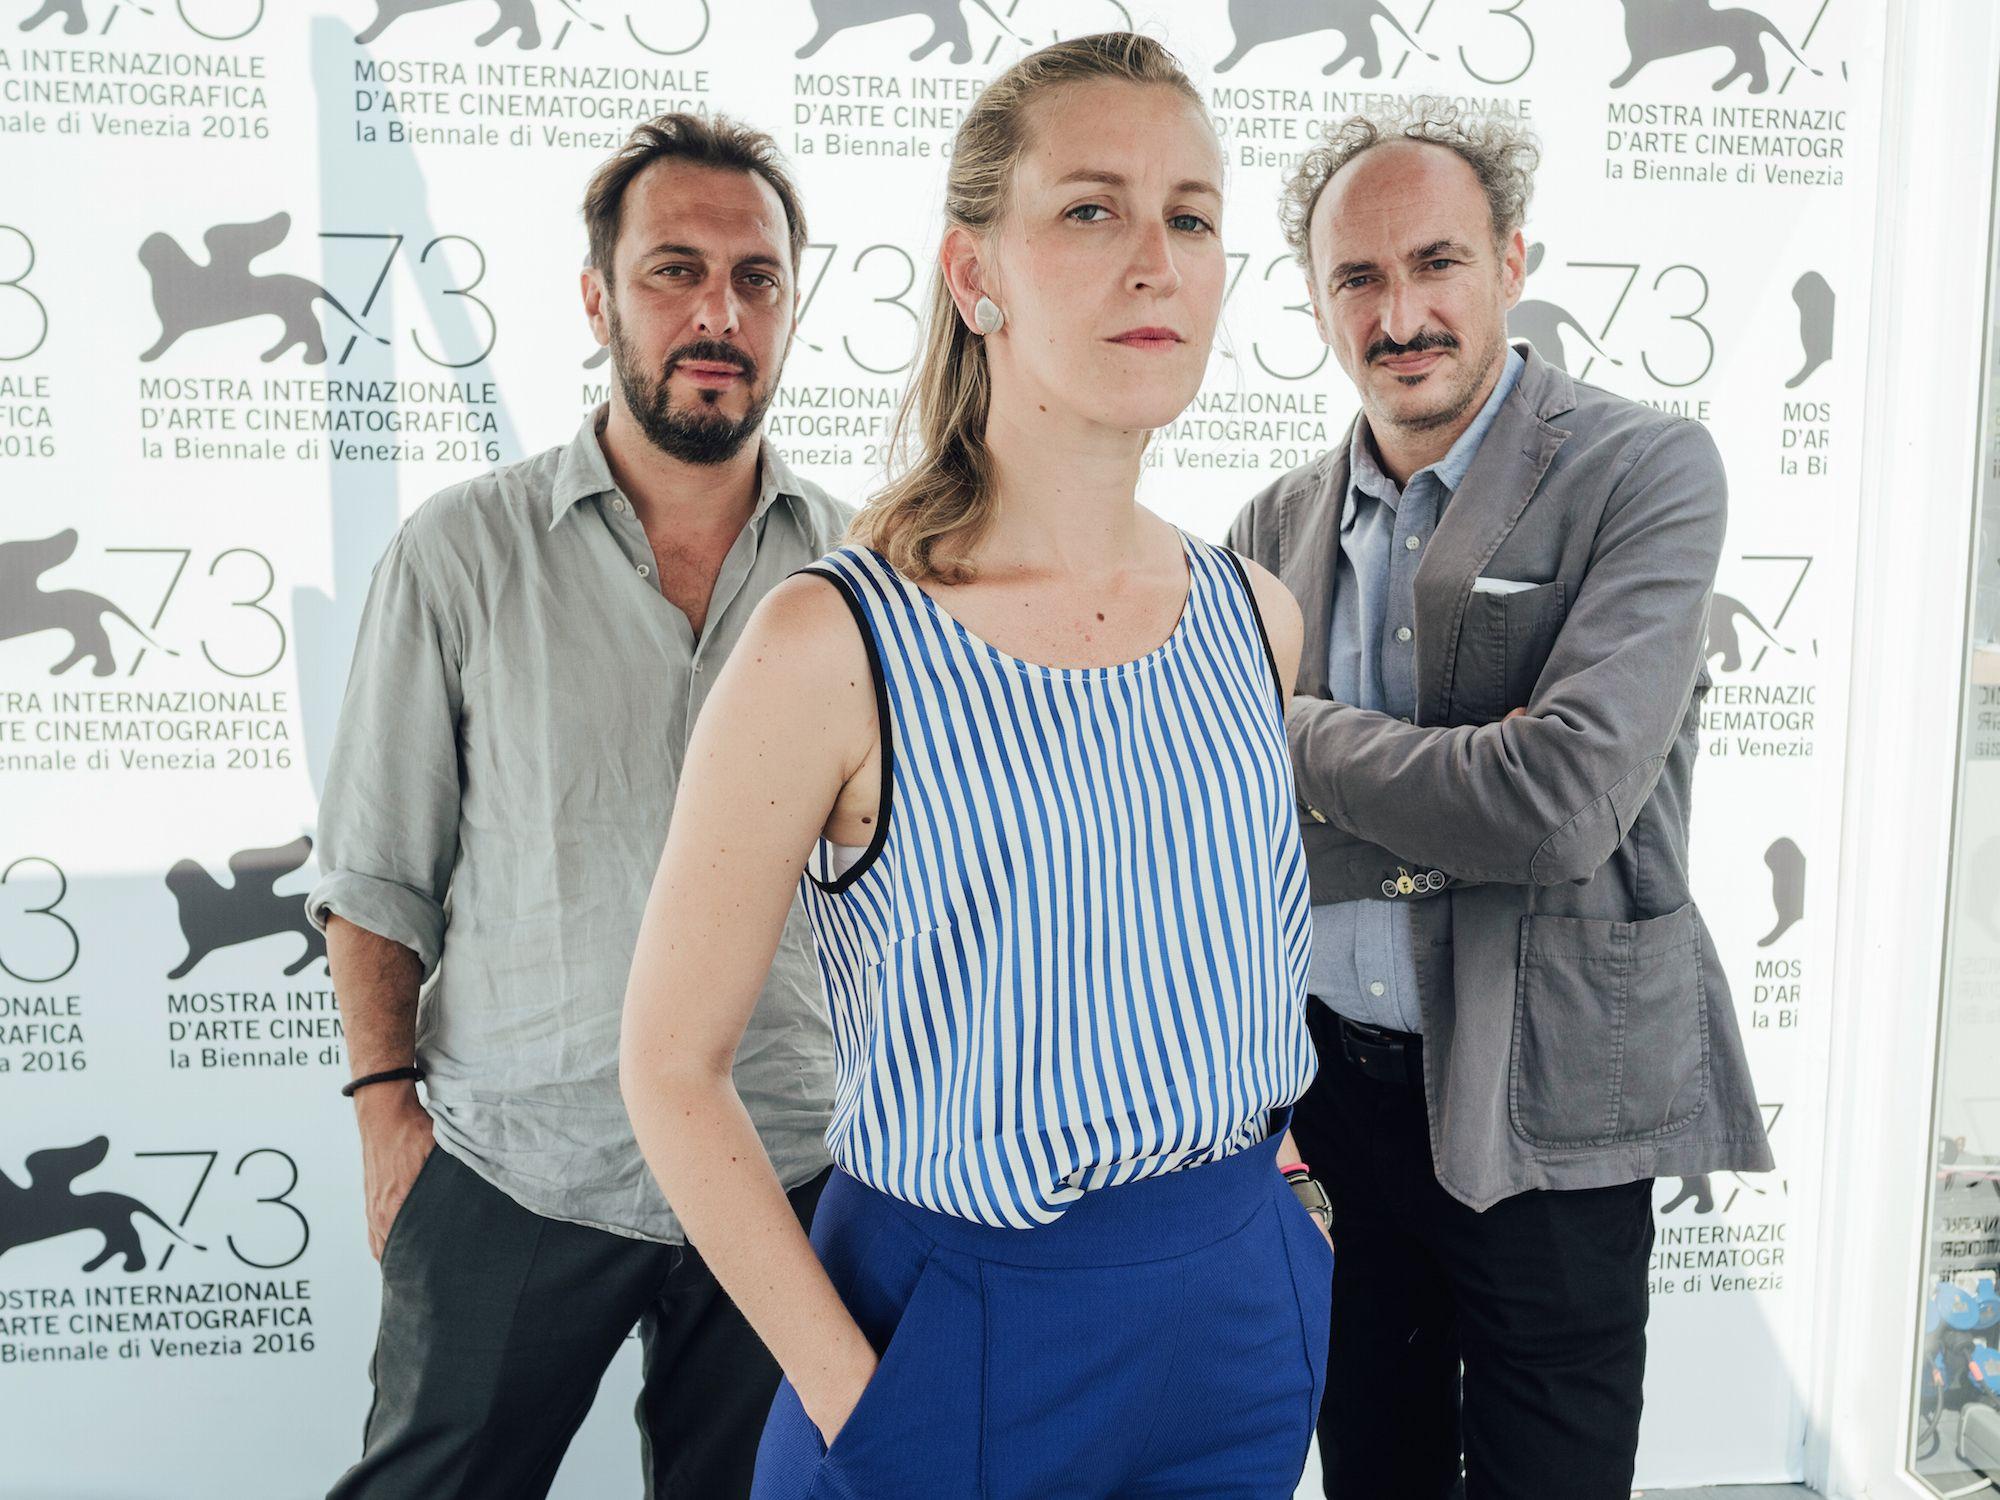 Bruno Chiaravalloti, Benedetta Argentieri, Claudio Jampaglia